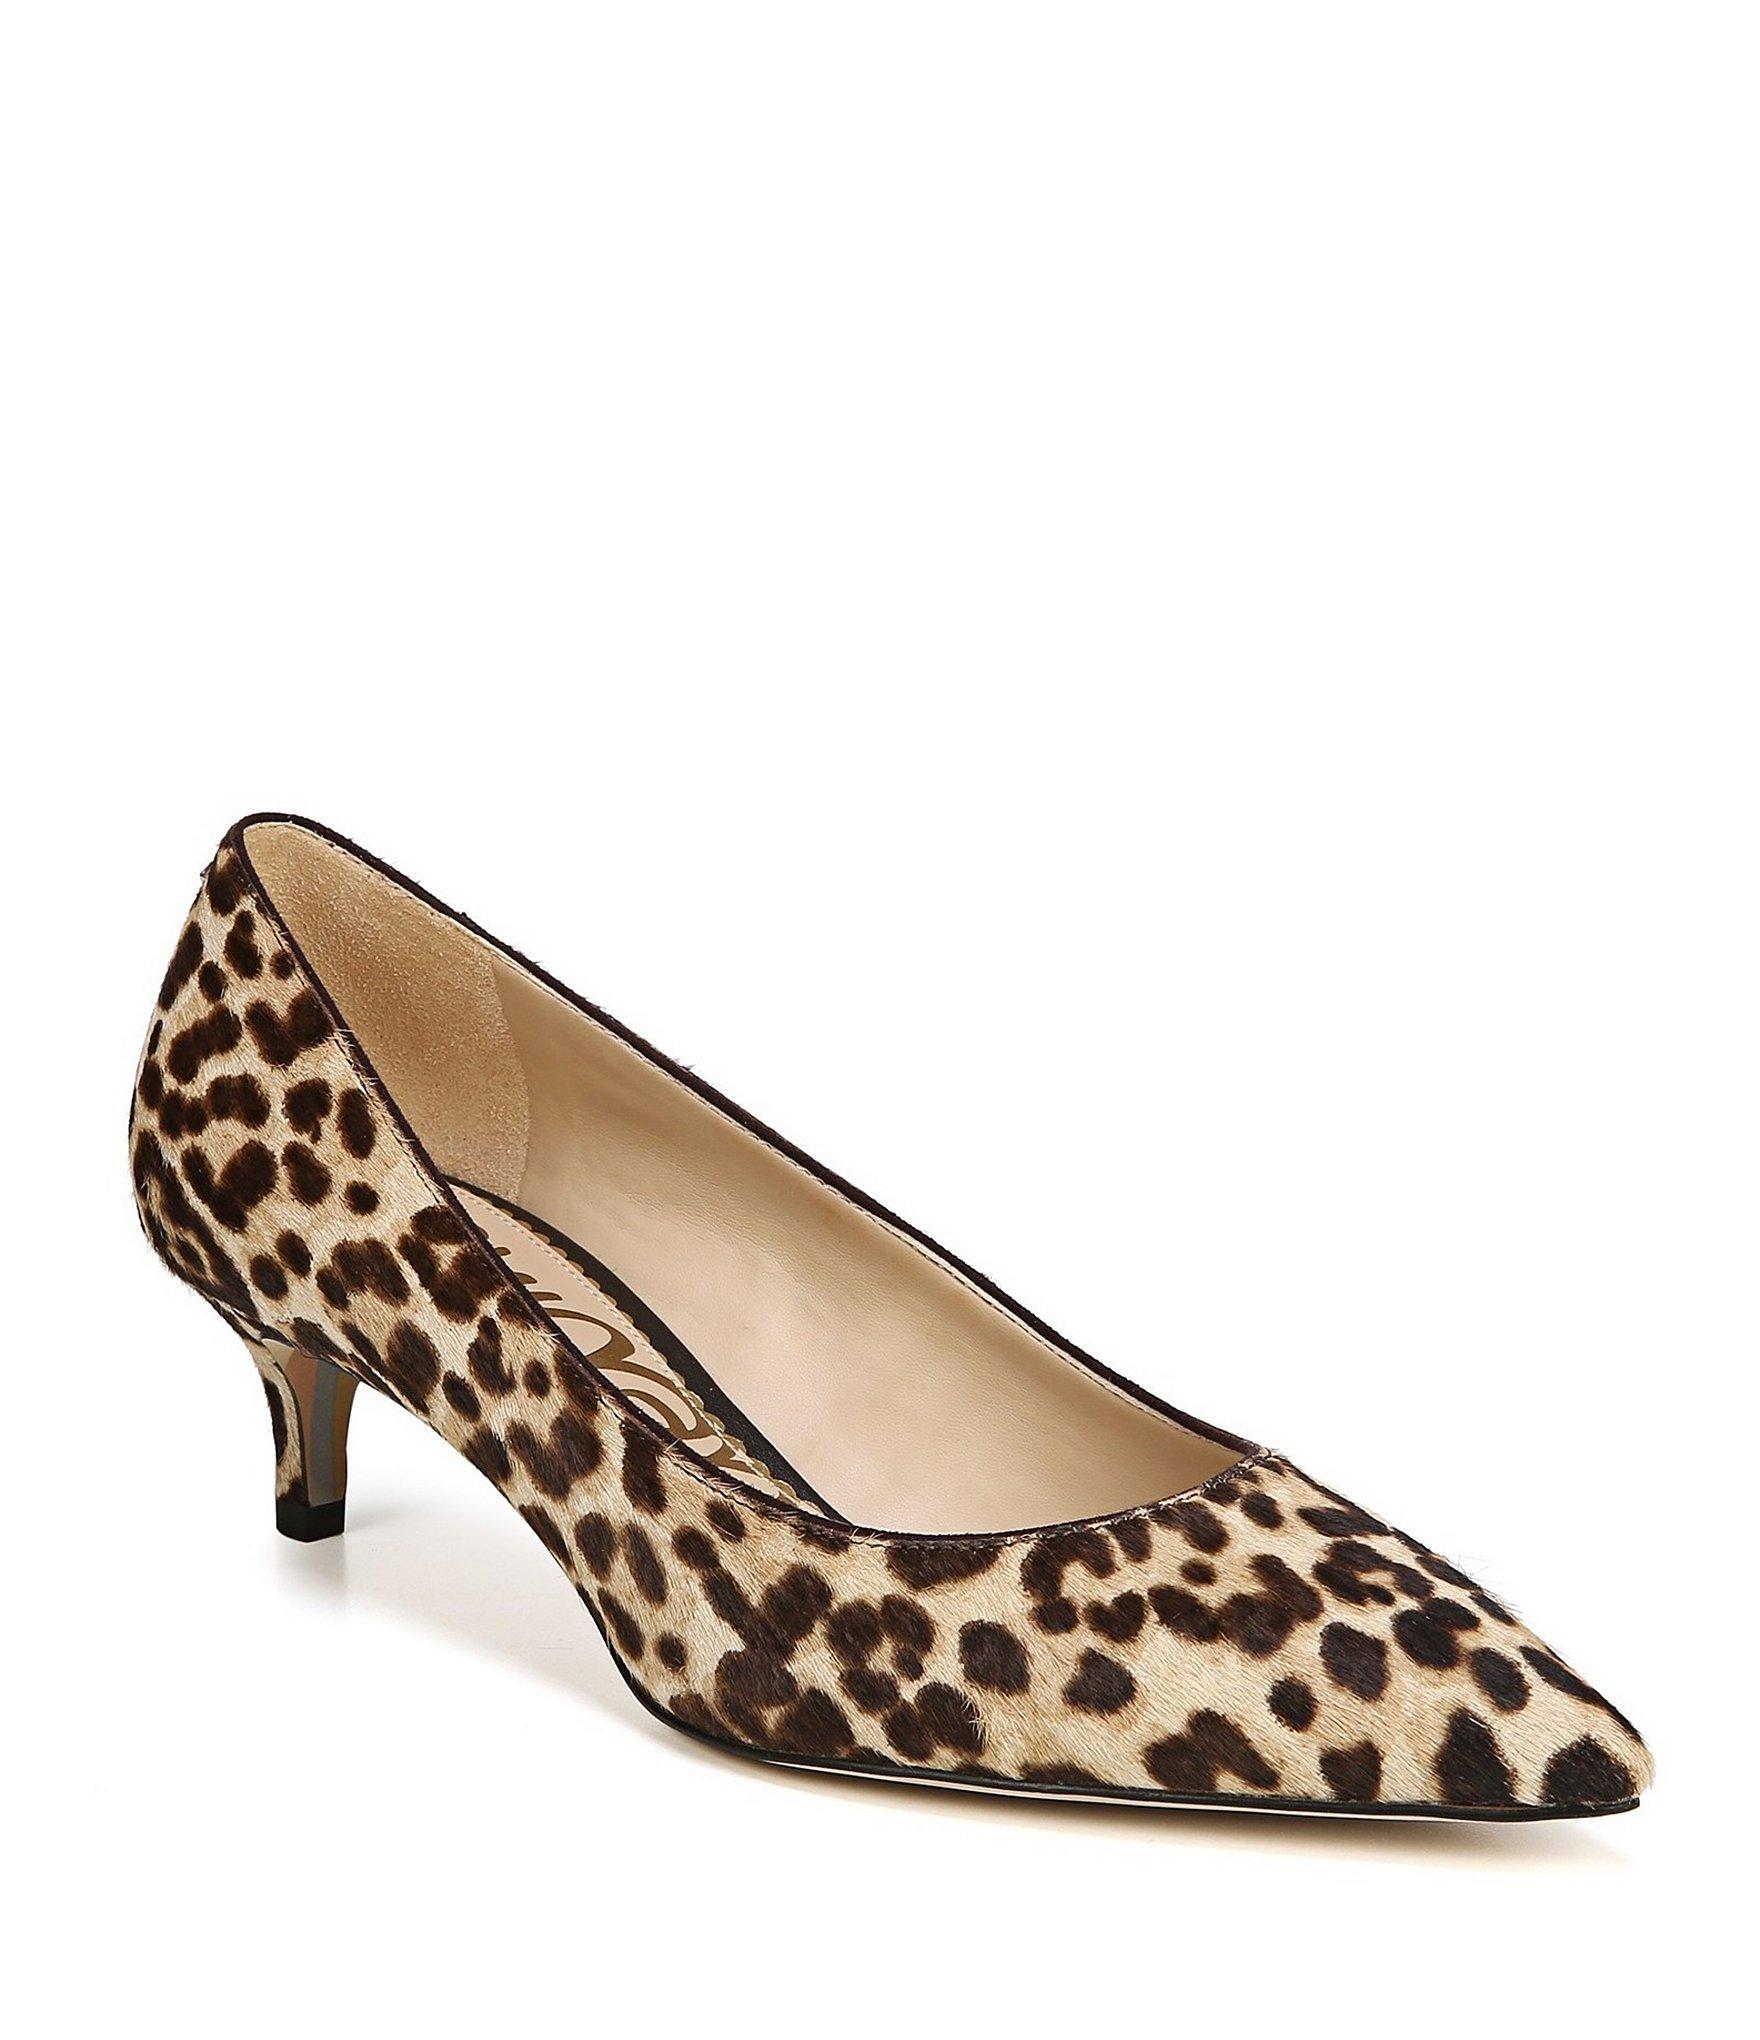 25f610d6b Sam Edelman Dori Leopard Print Kitten Heel Pumps